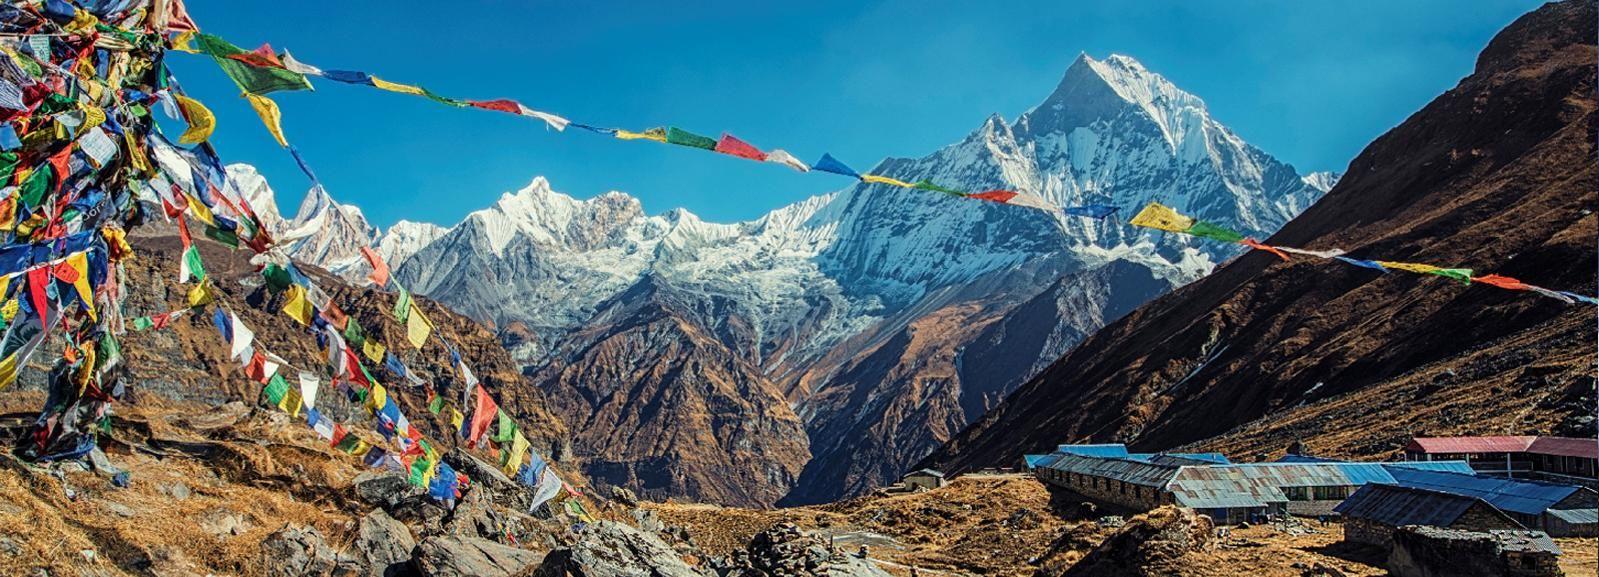 From Kathmandu: 11-Day Annapurna Base Camp Trek